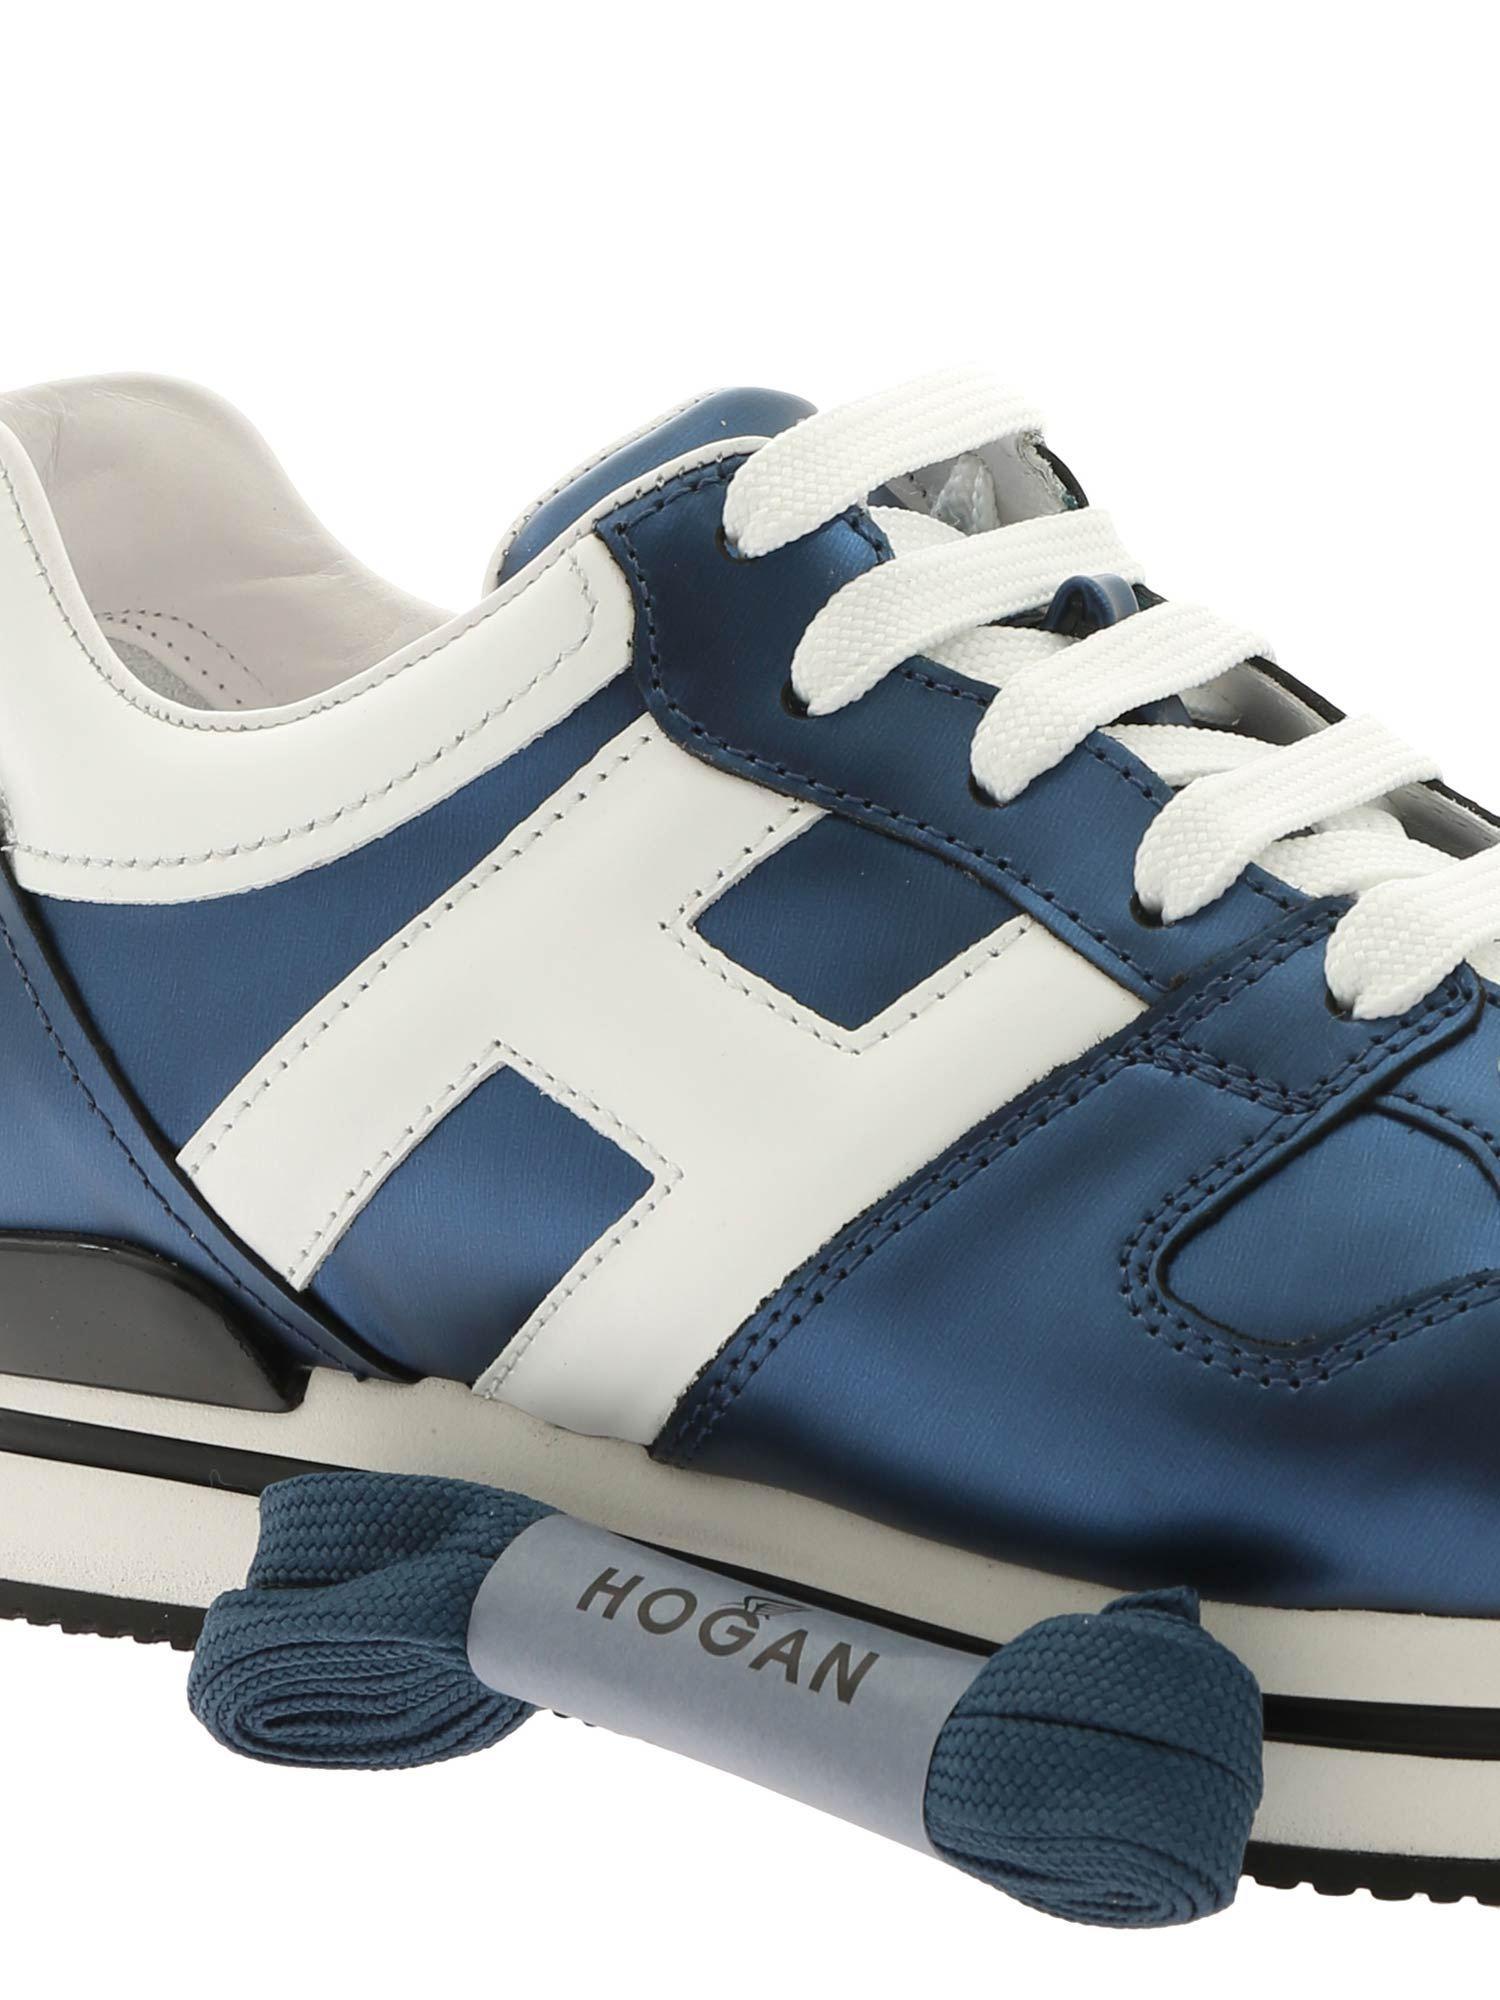 2hogan h222 blau